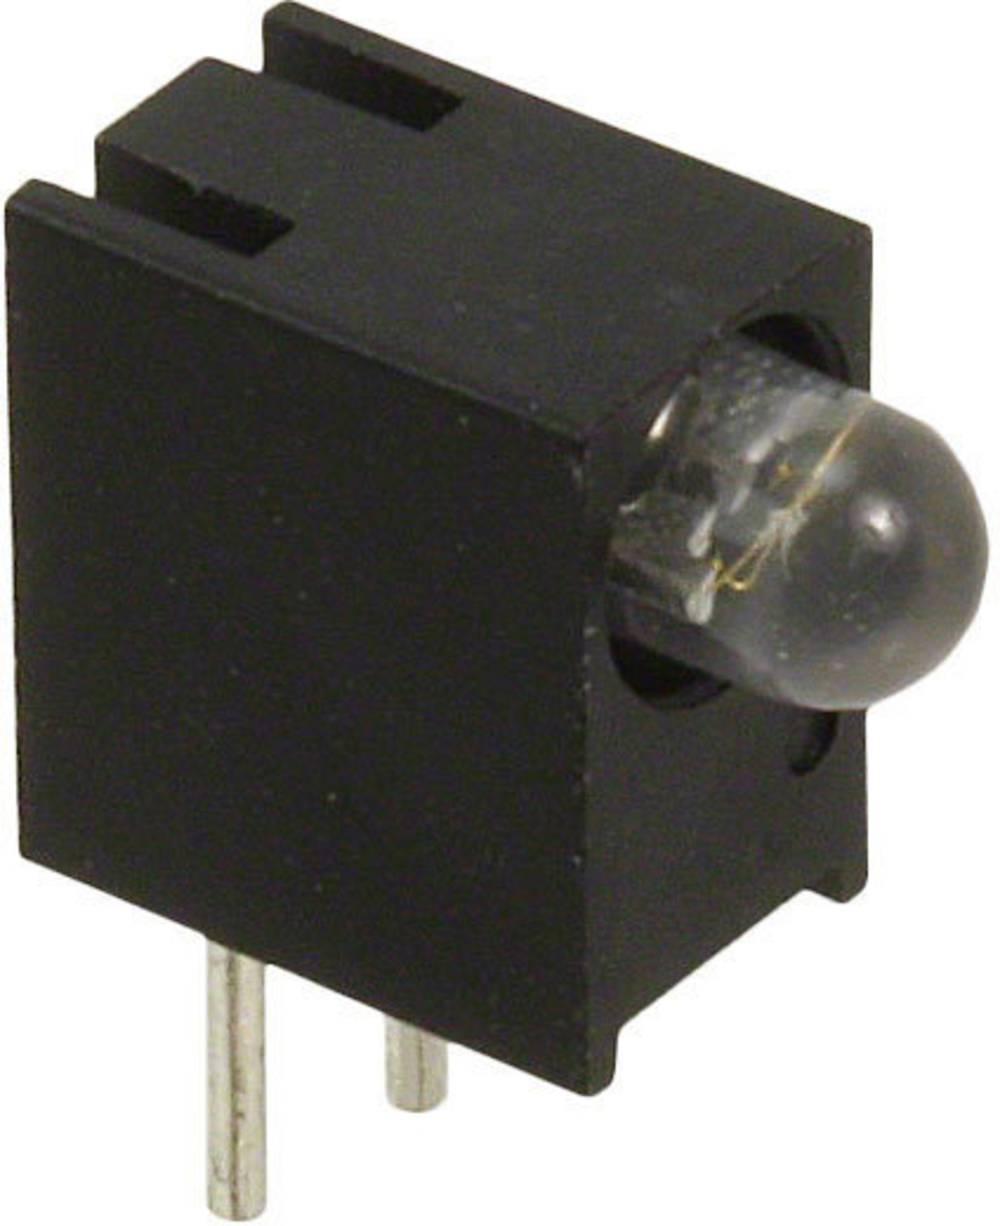 LED-komponent Dialight (L x B x H) 10.79 x 8.76 x 4.32 mm Grøn, Orange